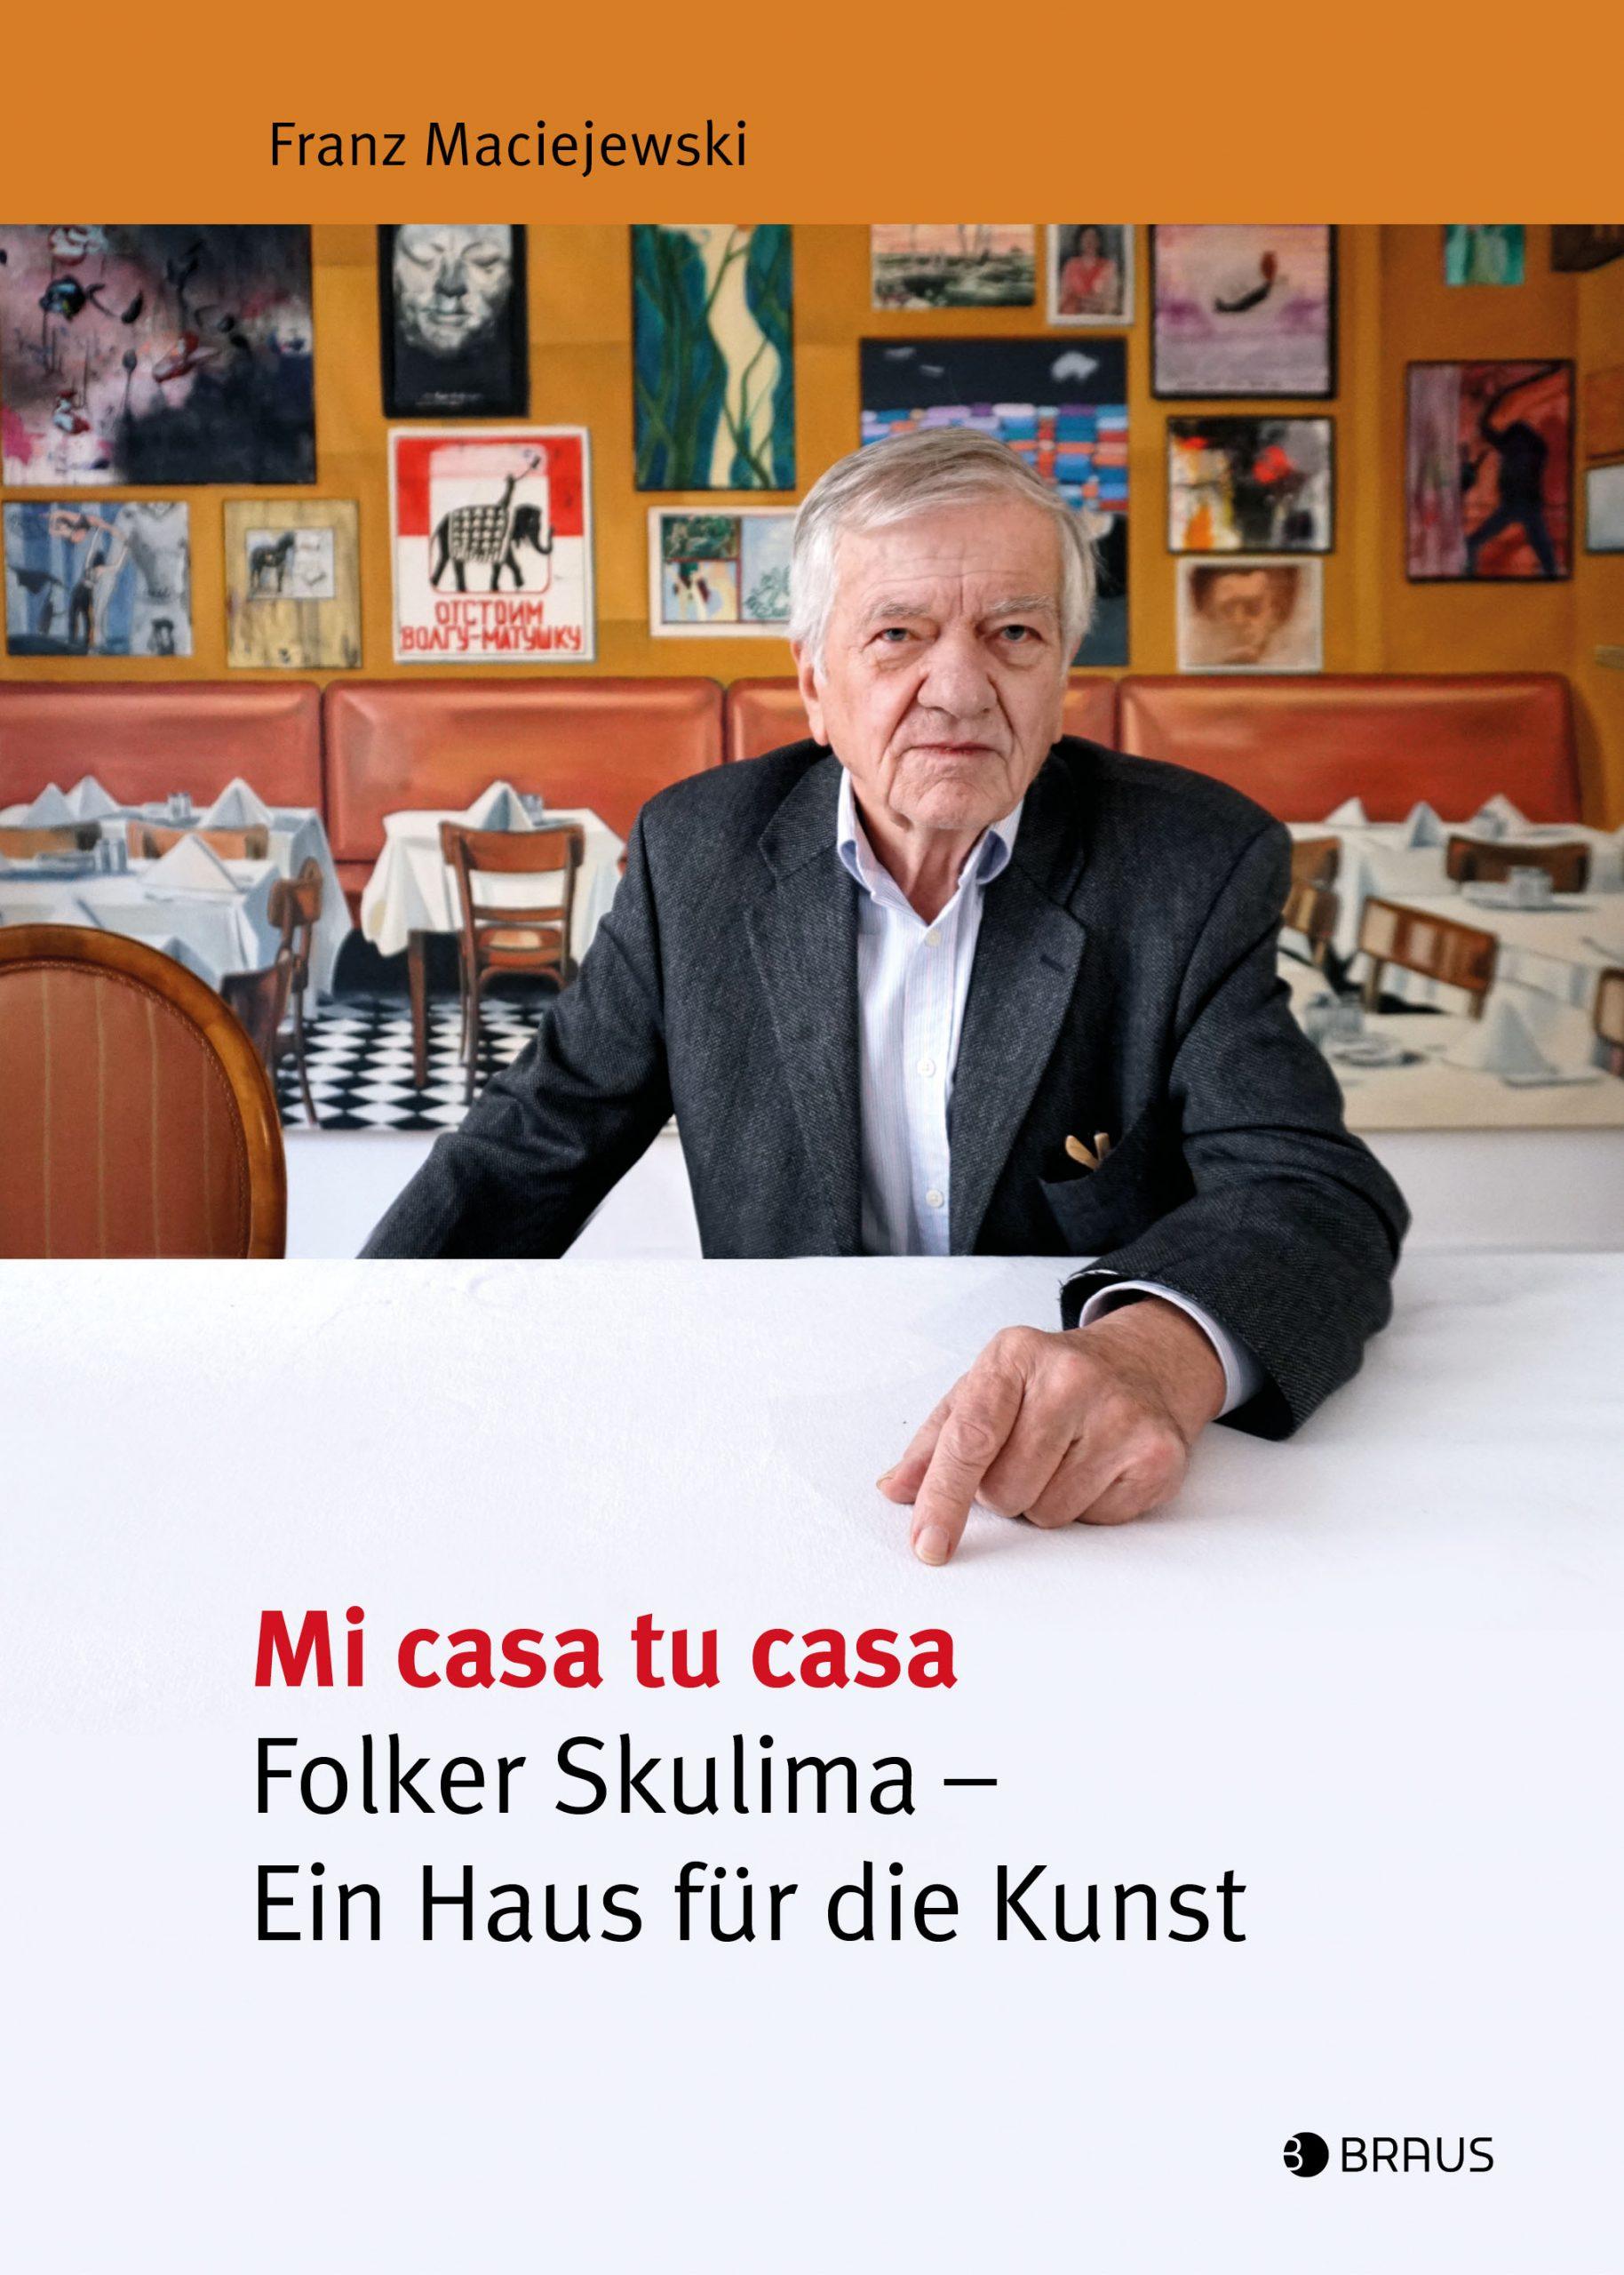 Mi casa tu casa Folker-Skulima – Ein Haus für die Kunst – Buchcover